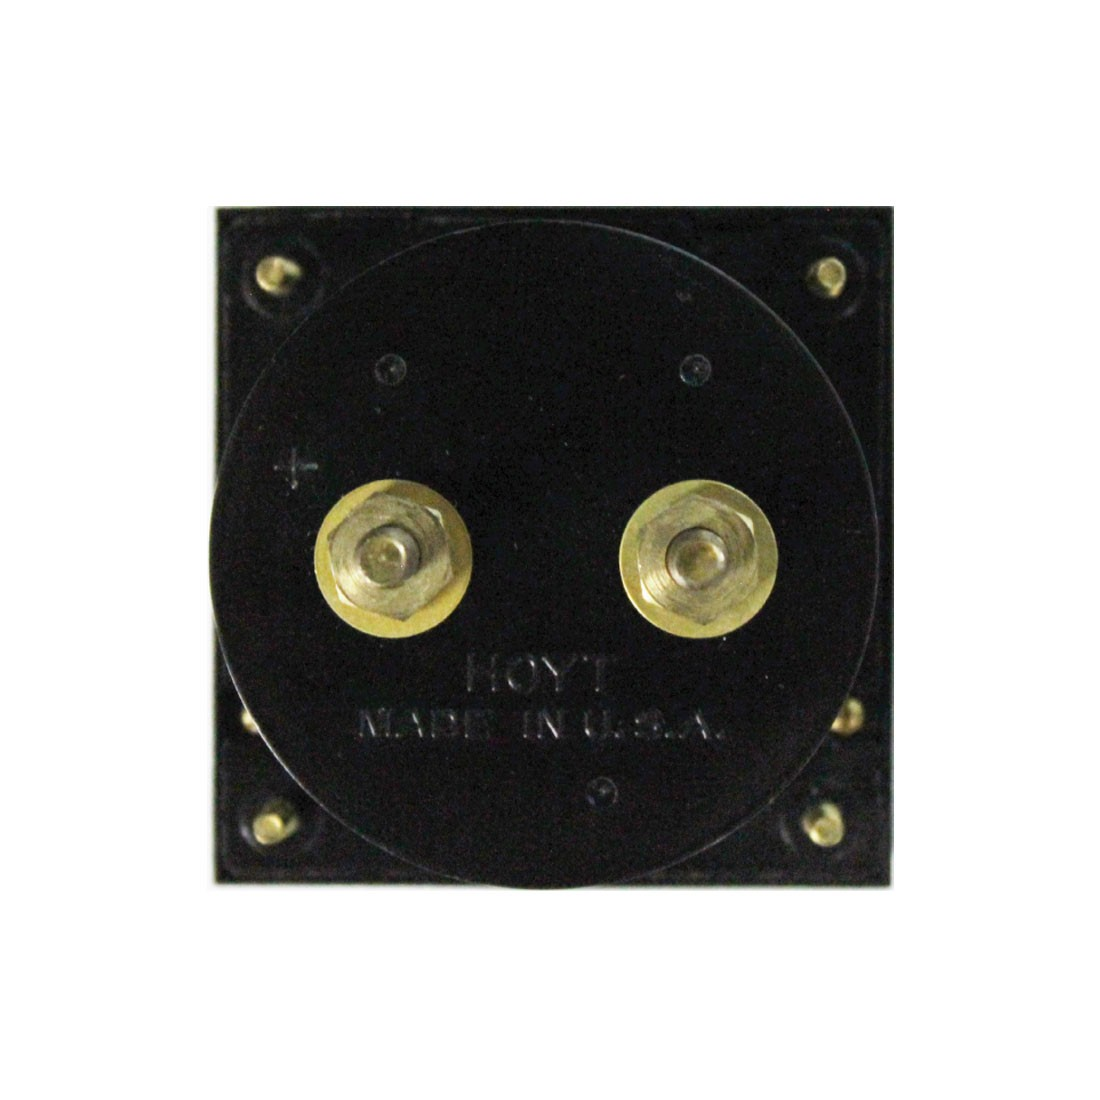 4035 DC Analog Panel Meter  - Front View